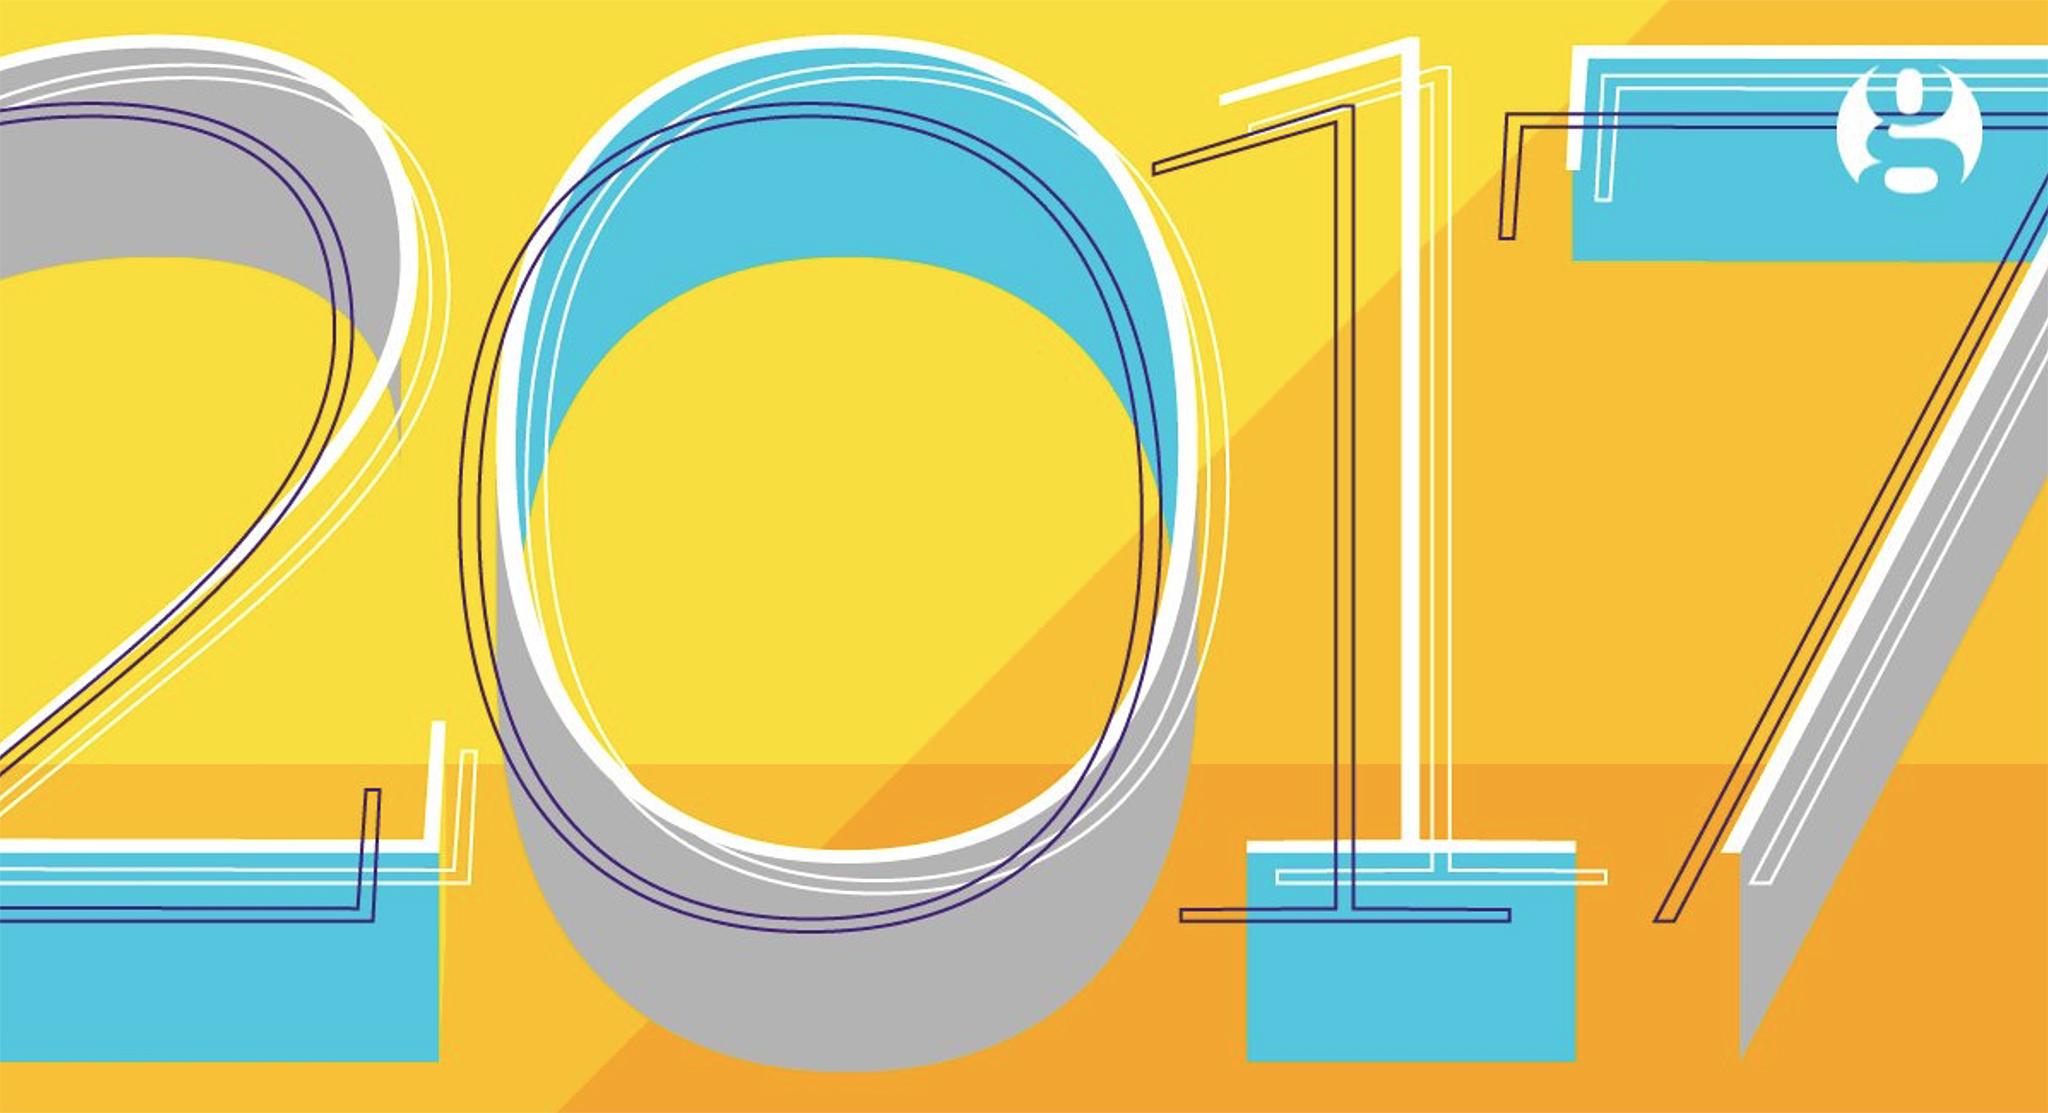 Maarten Lambrechts' list of 2017 visualization lists